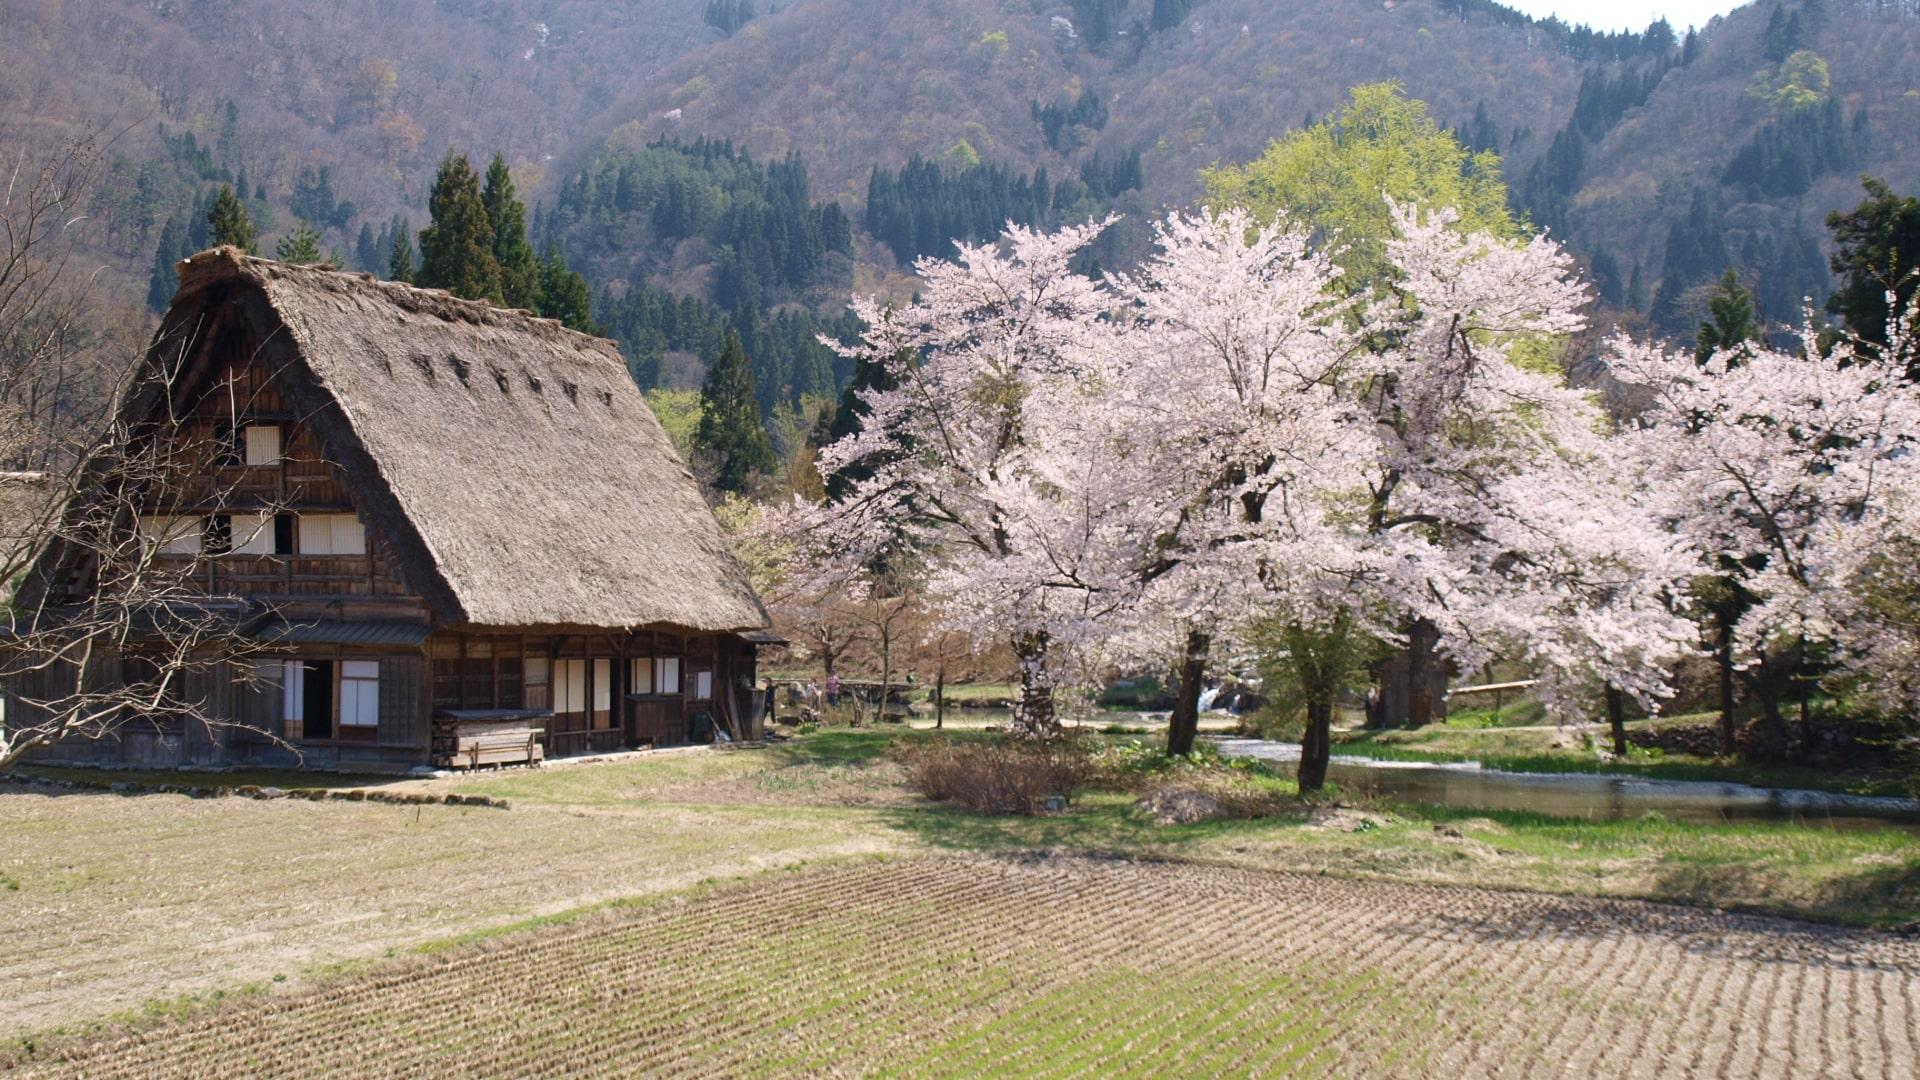 Shirakawago Village in Spring